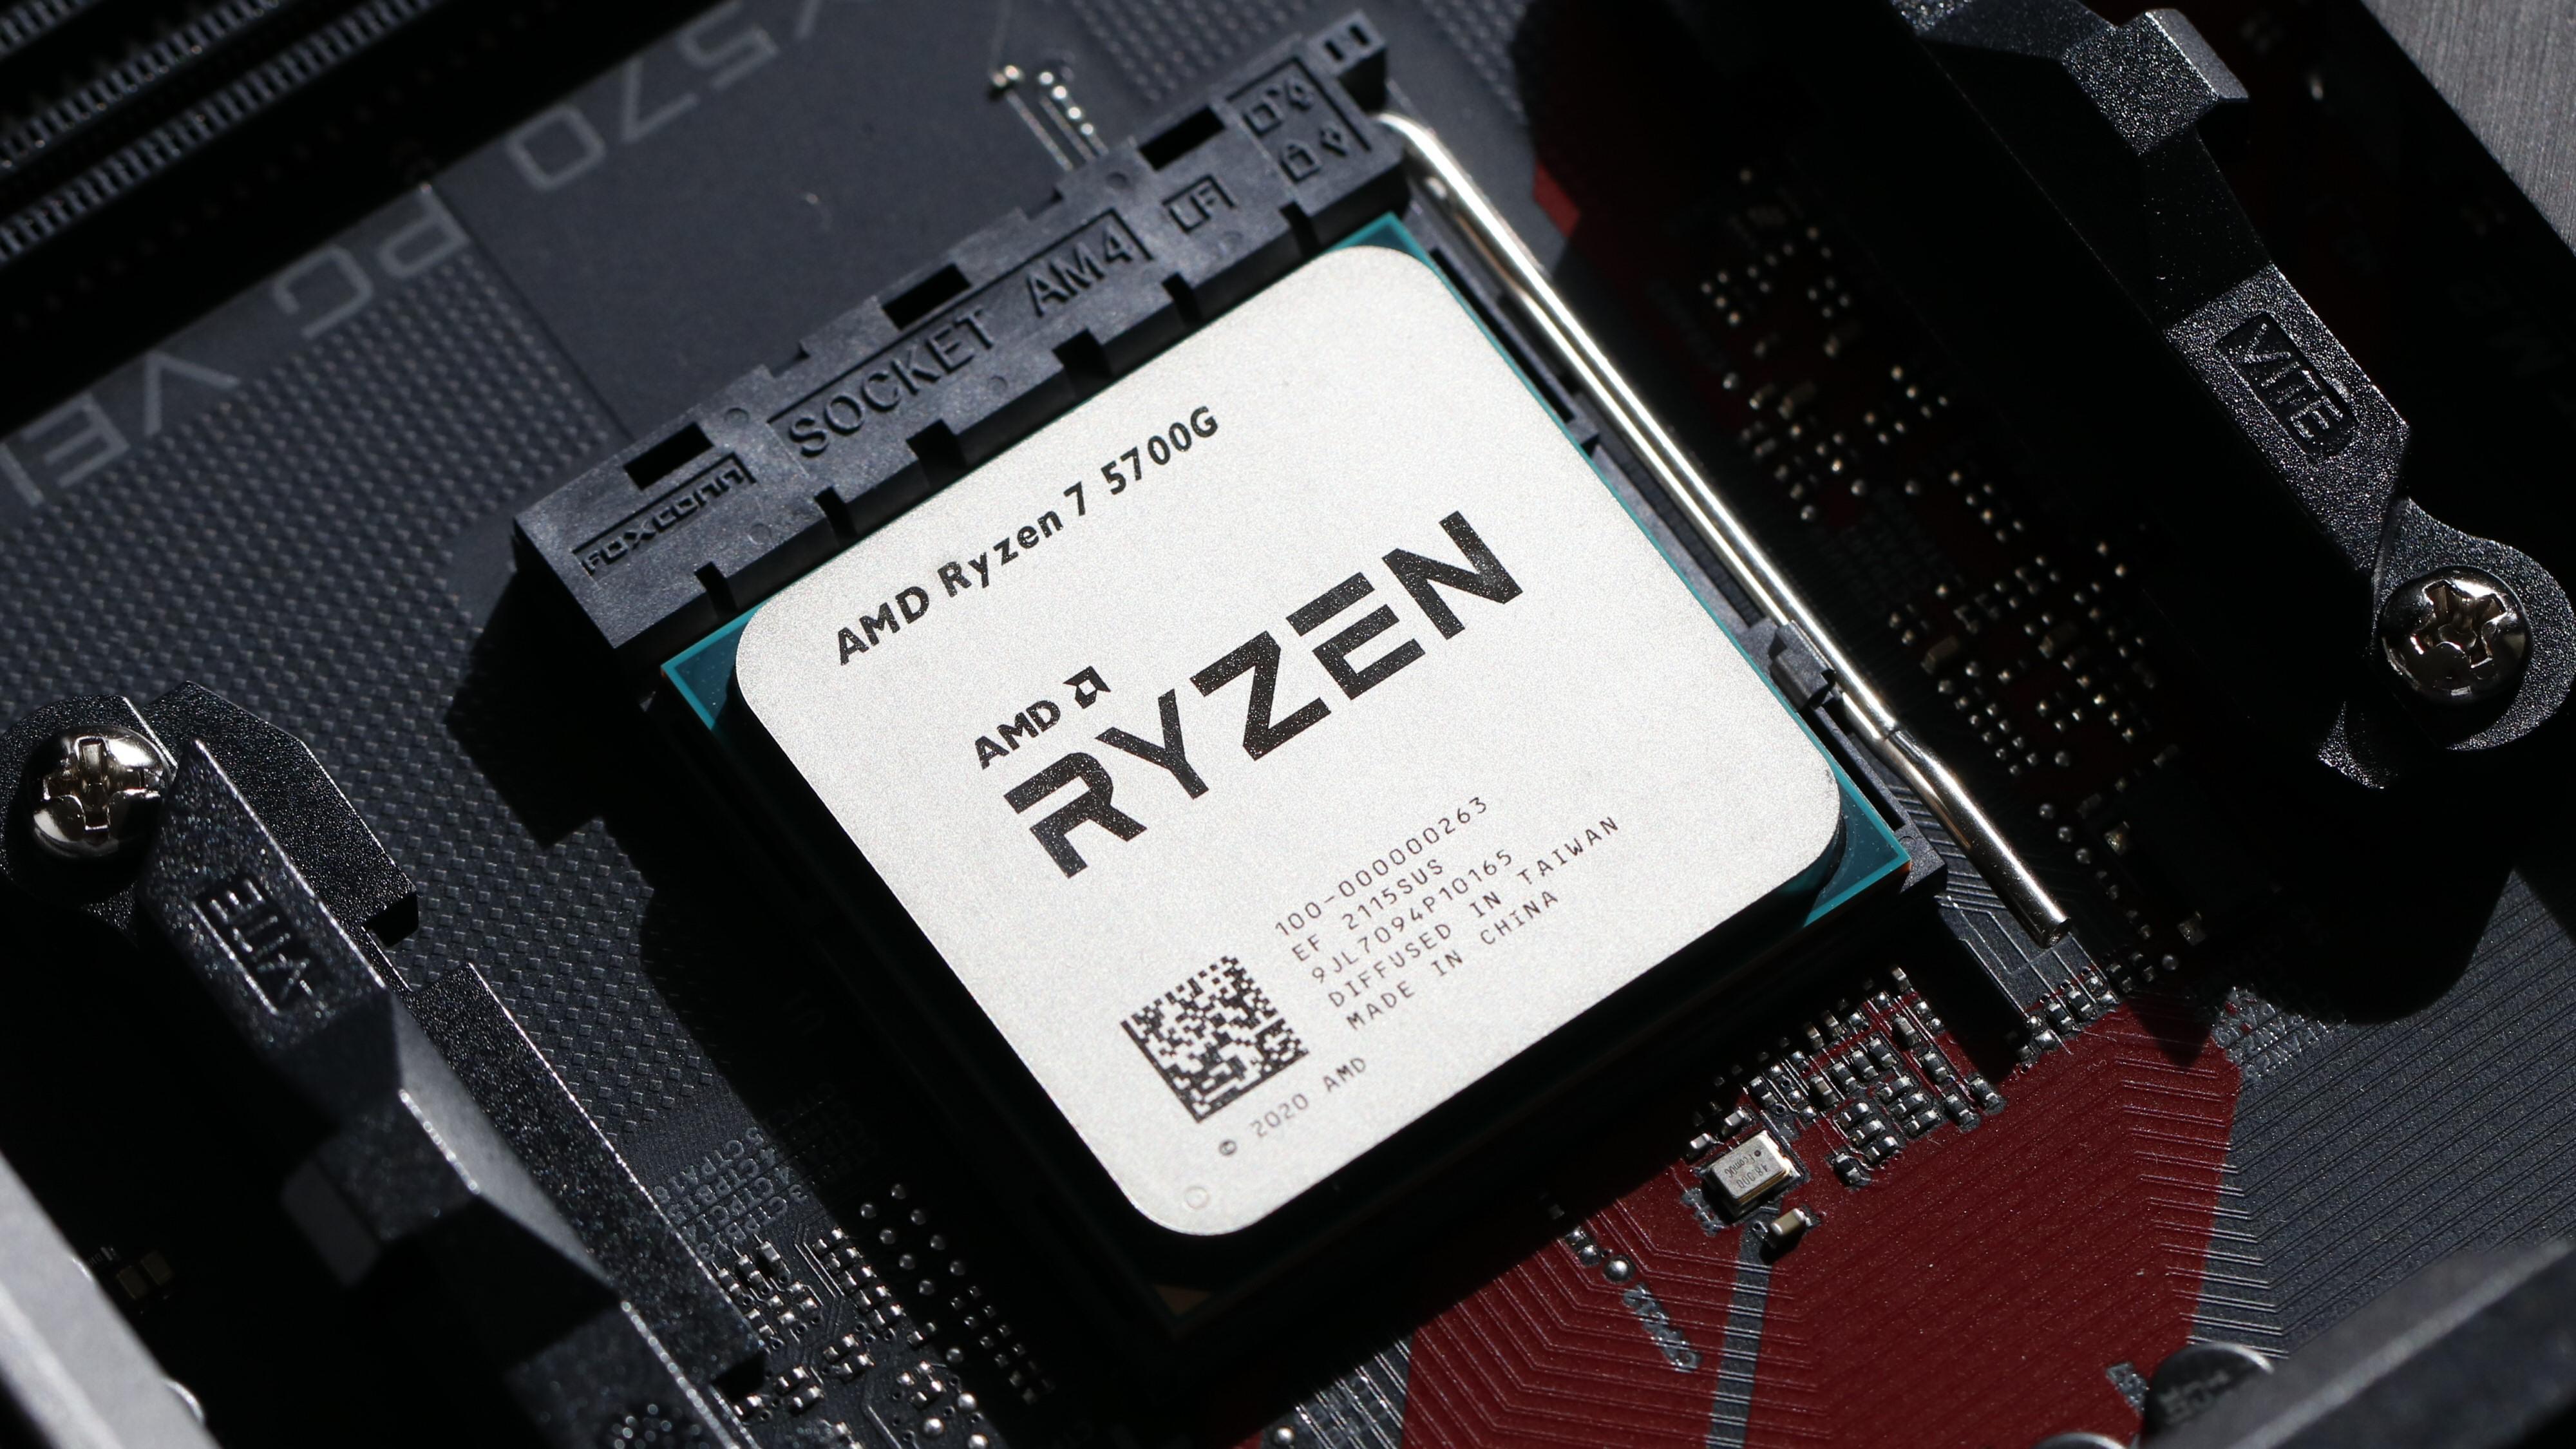 Endelig en skikkelig kjapp AMD Ryzen med integrert grafikk